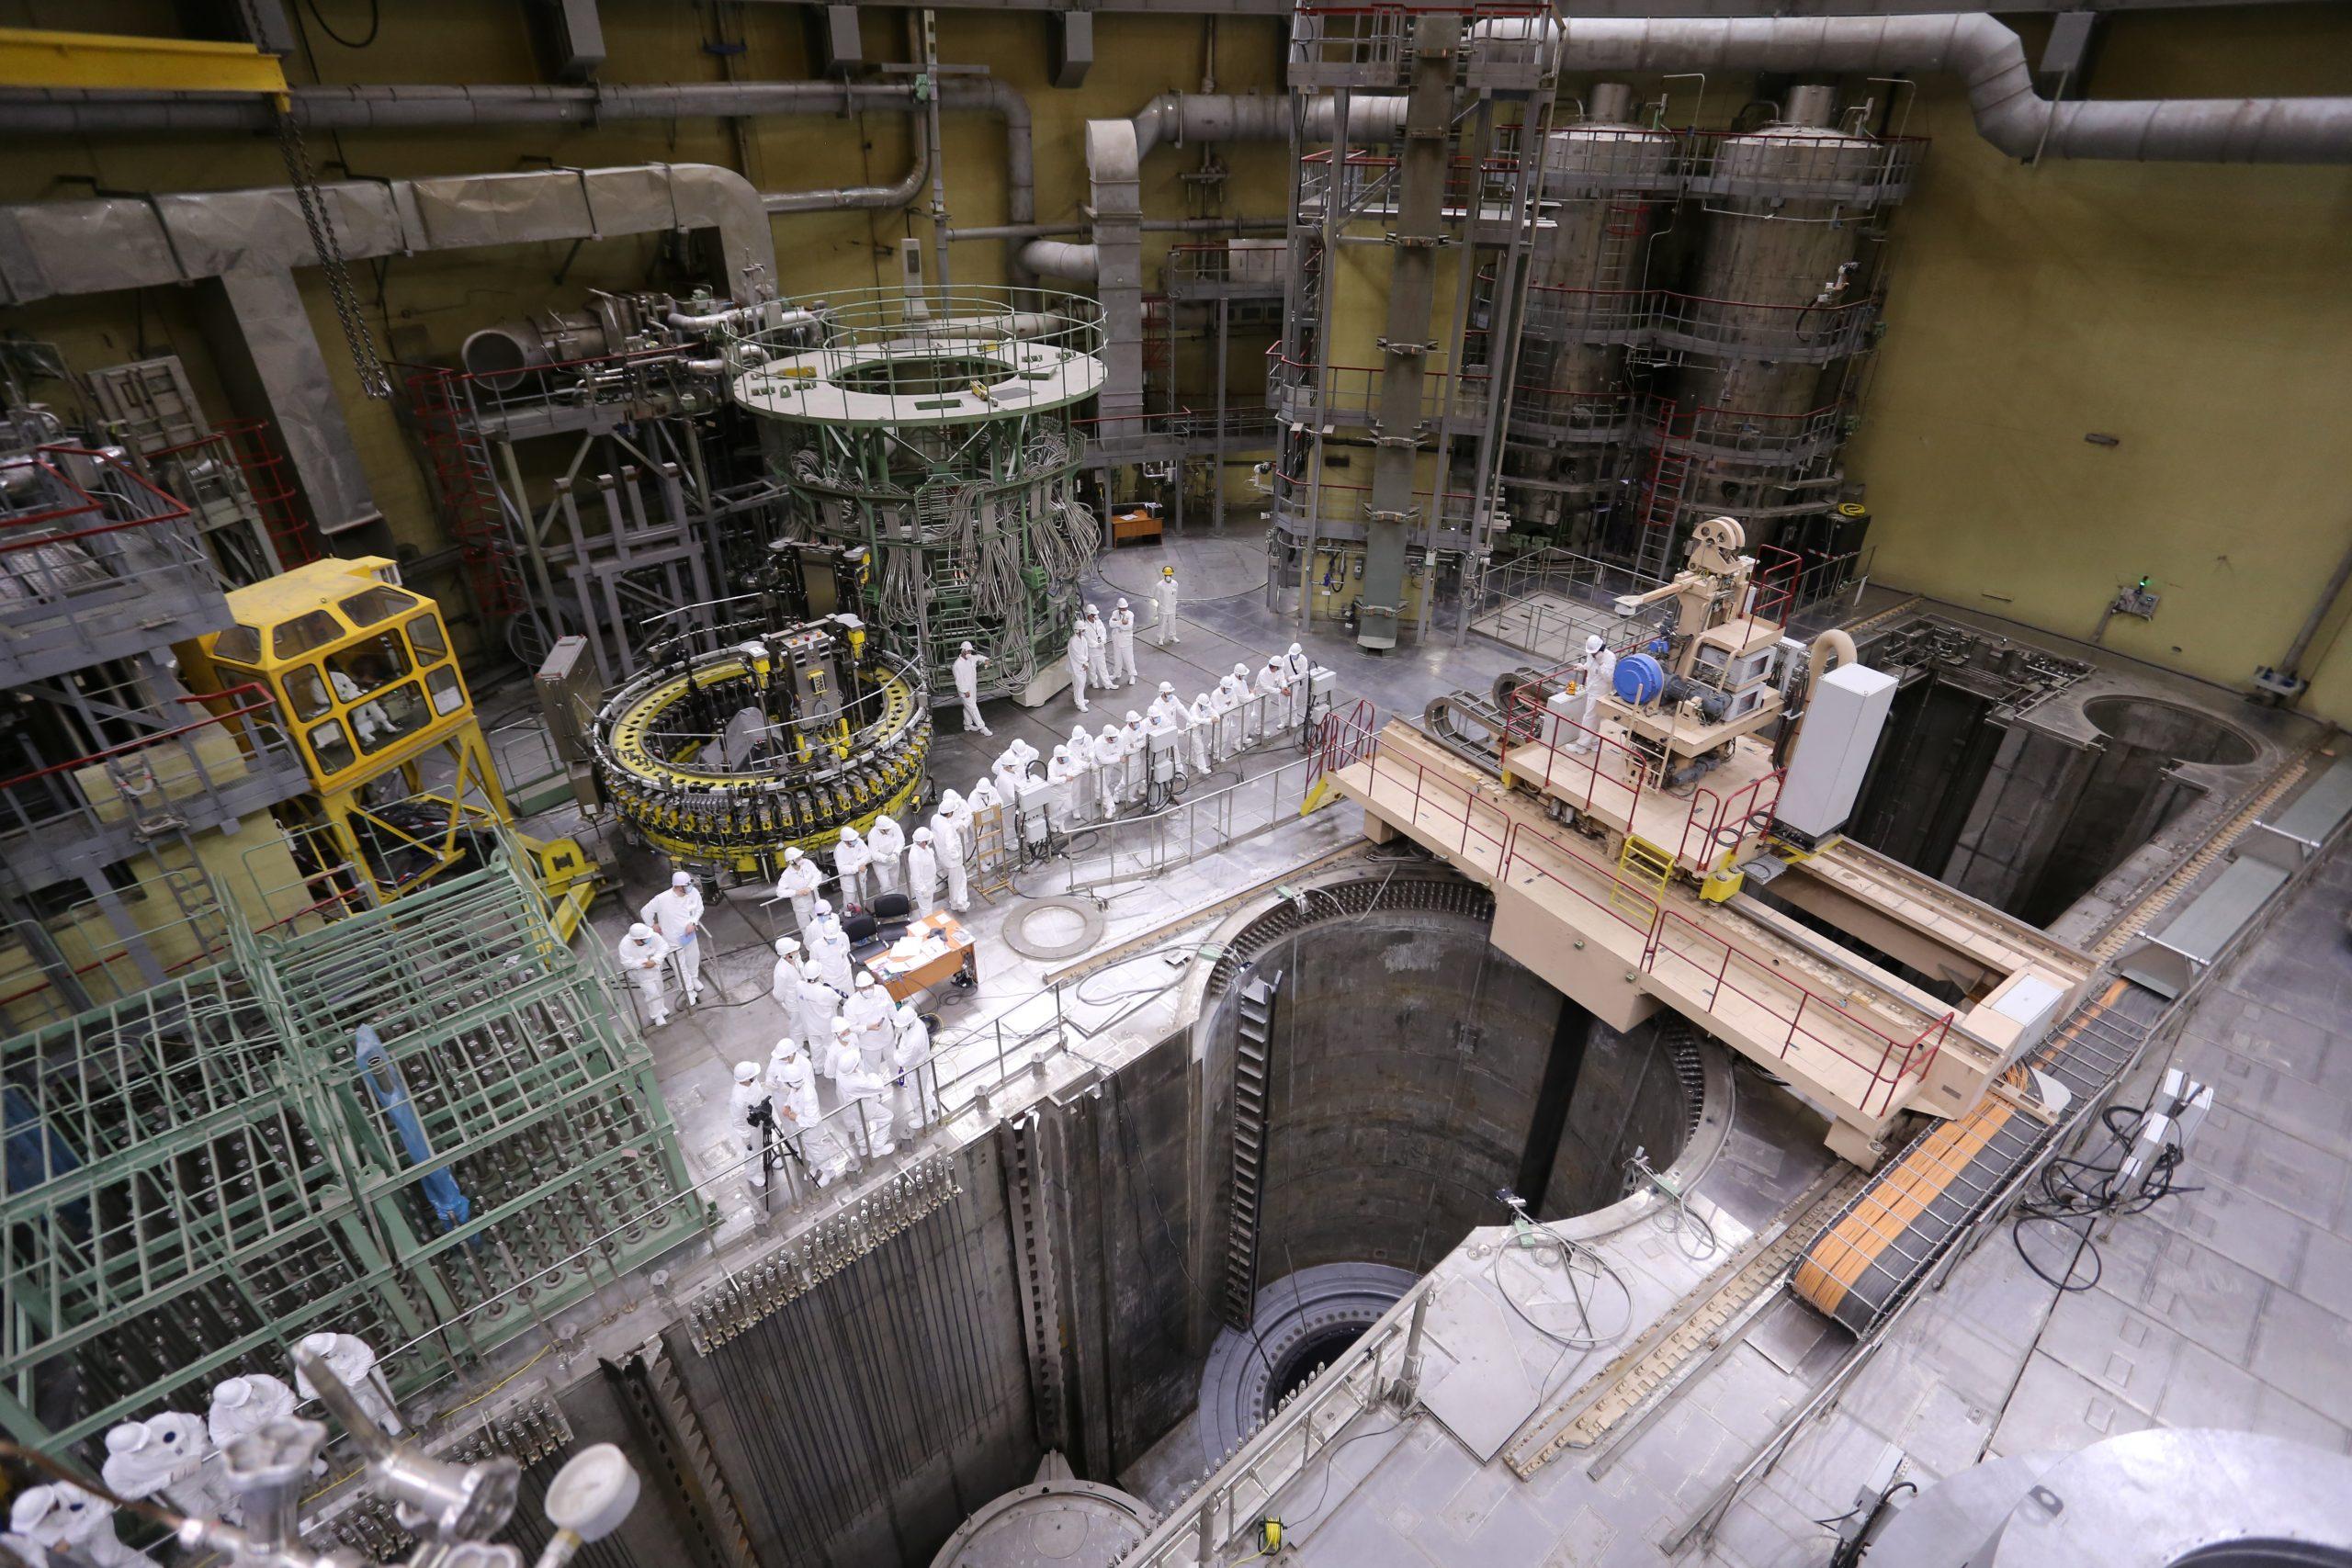 """روساتوم تبدأ تحميل الوقود في وحدة للطاقة بمحطة """"لينينغرادسكايا-2"""" النووية"""